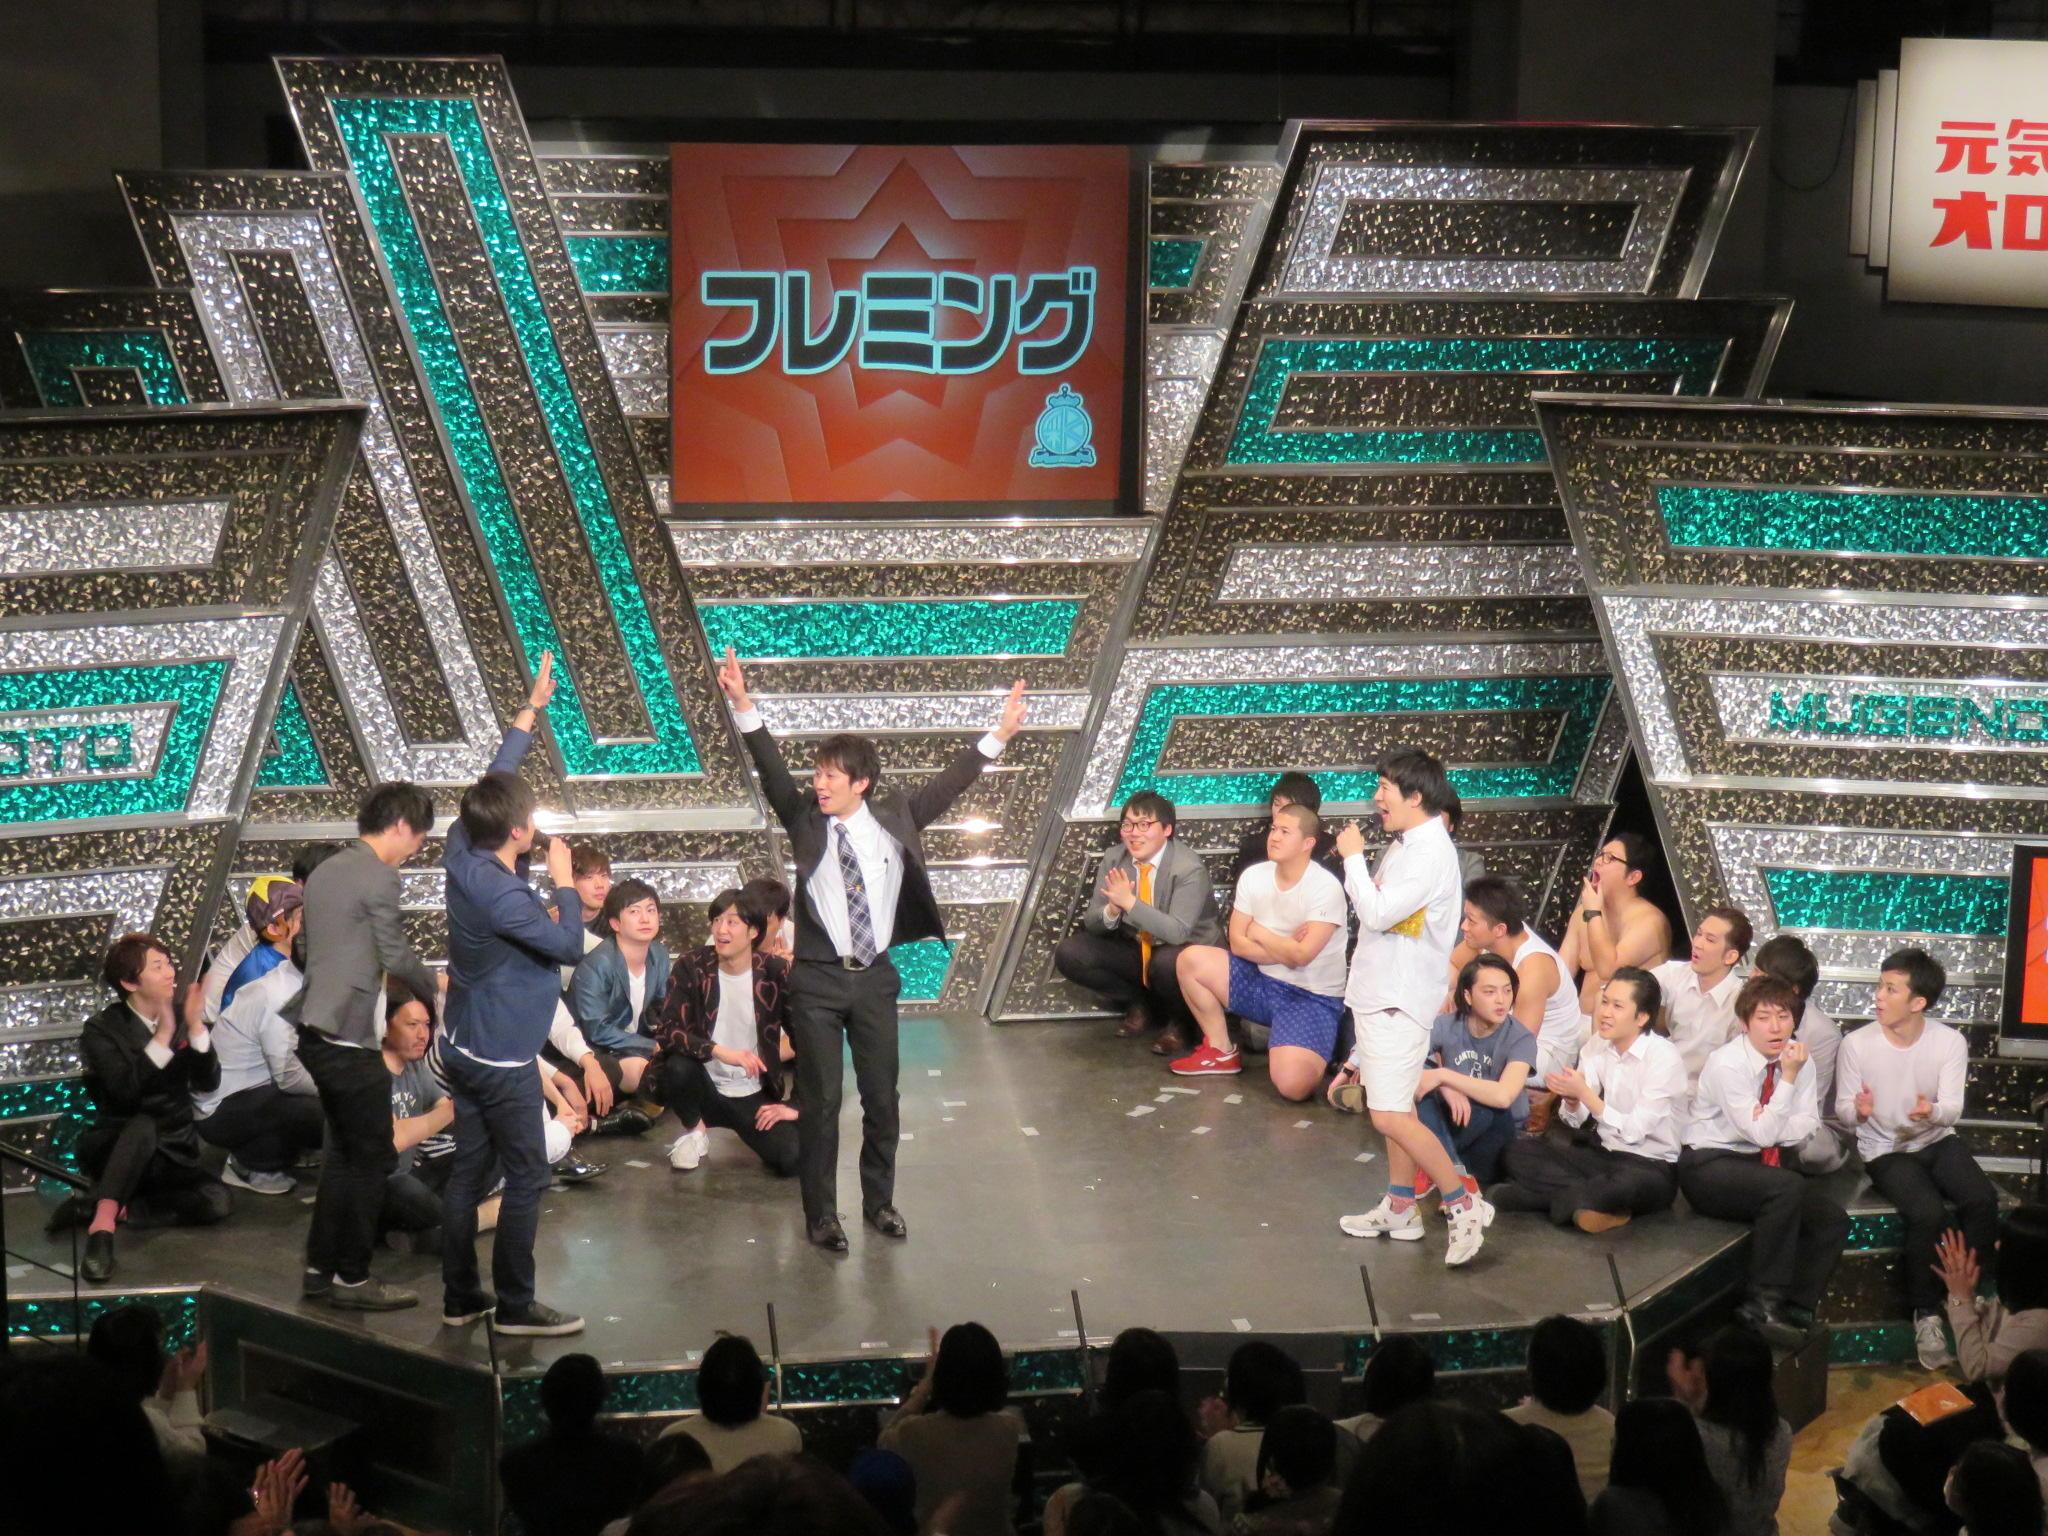 http://news.yoshimoto.co.jp/20160229145133-3e3c35238cccba3b86cdb472e594486827af0506.jpg